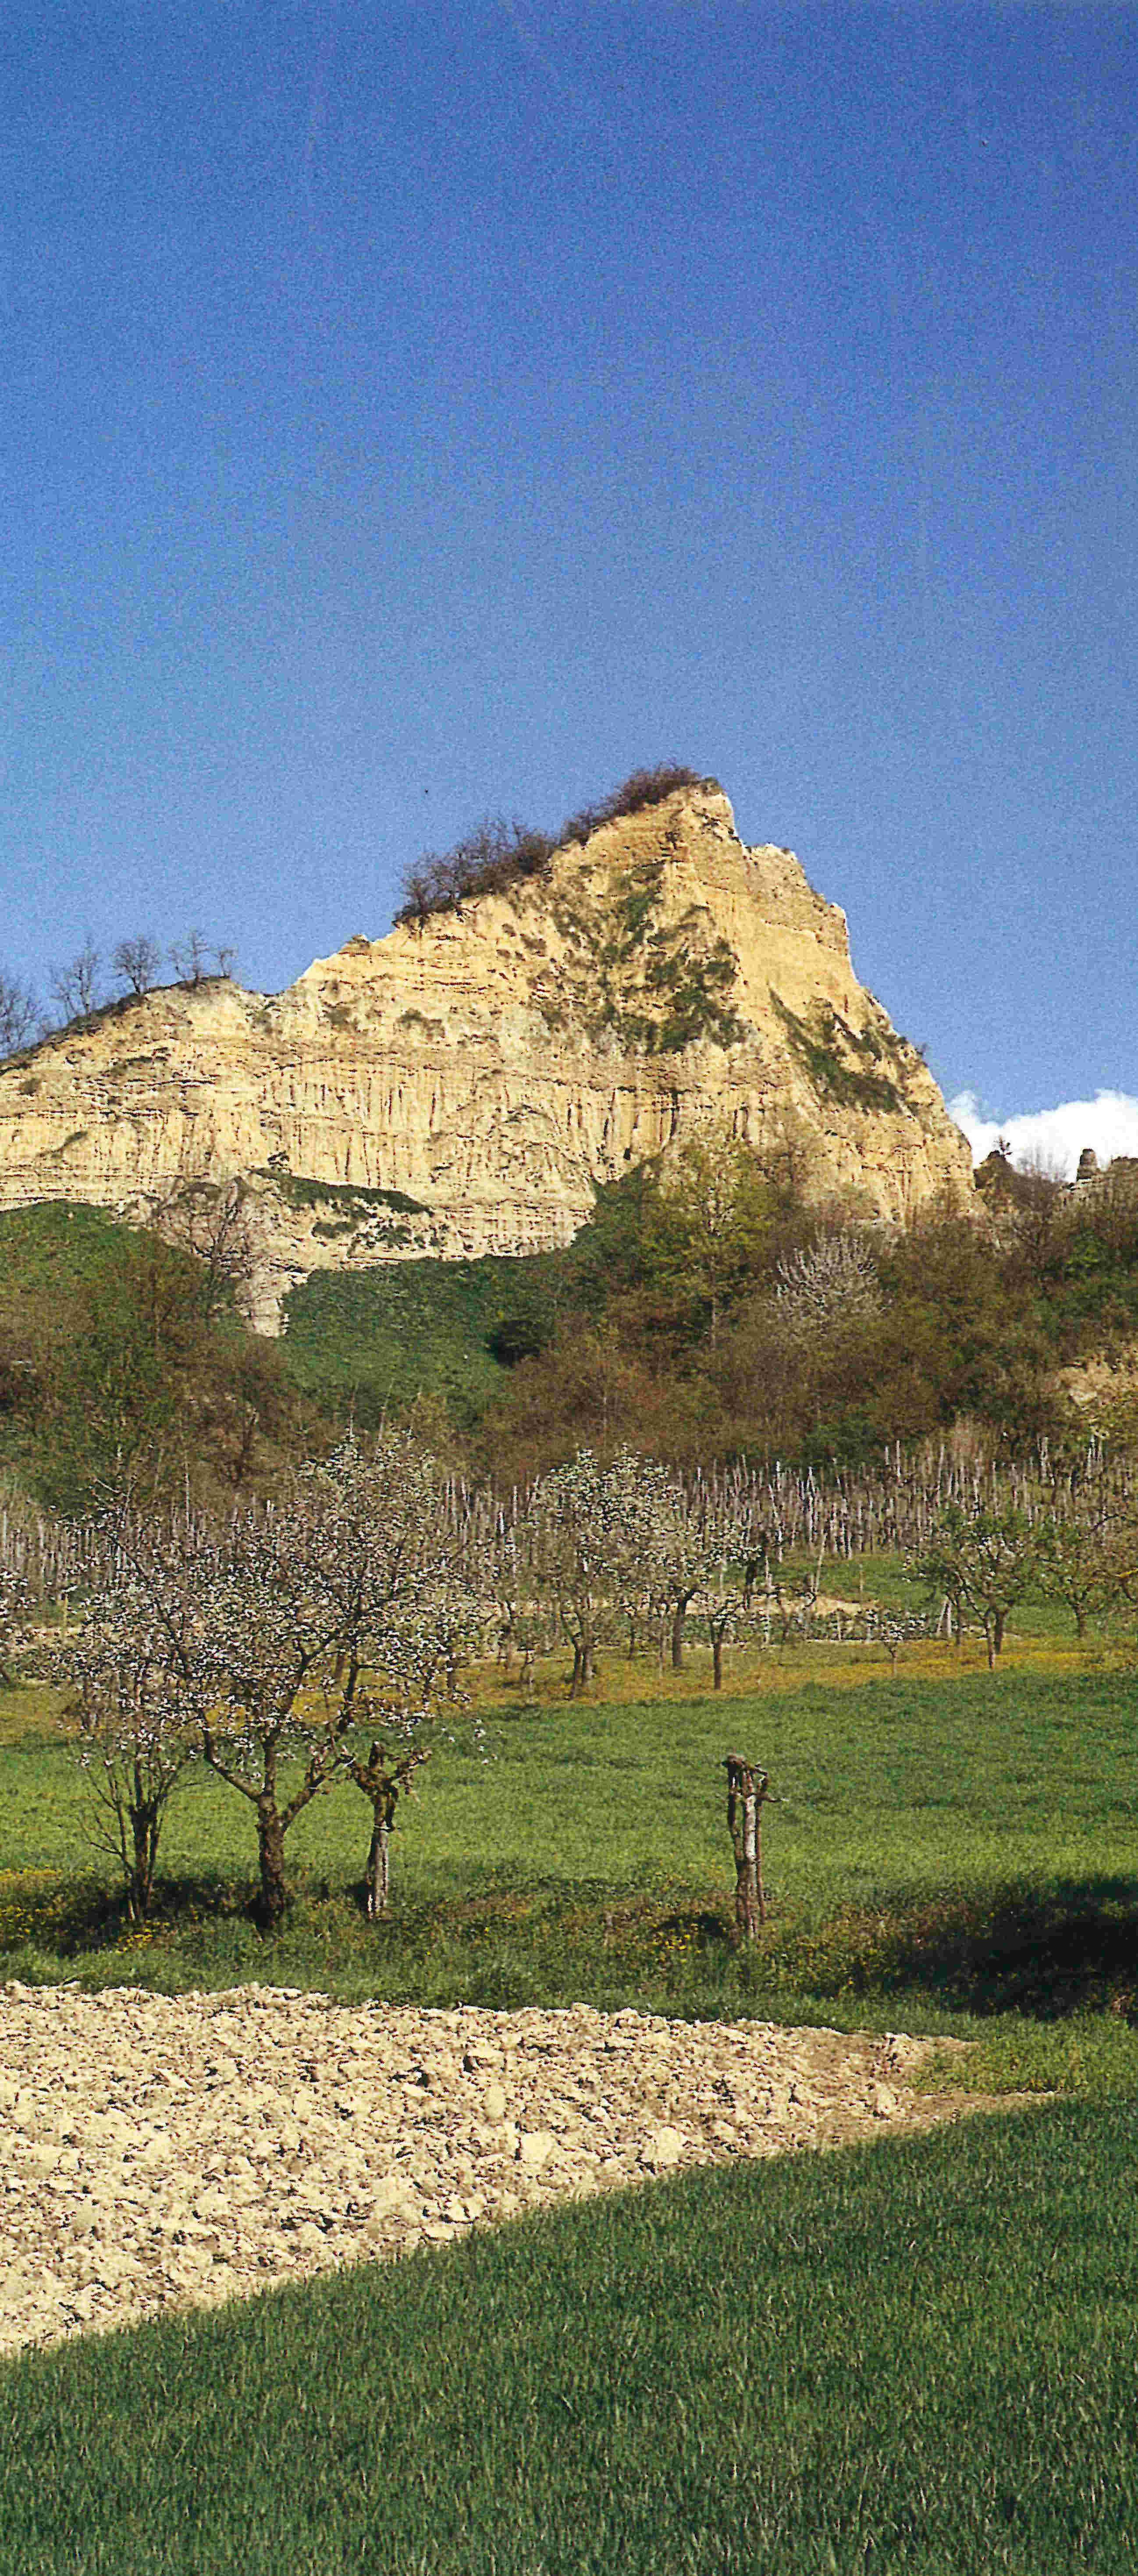 REGGELLO FORESTA DI SANT'ANTONIO